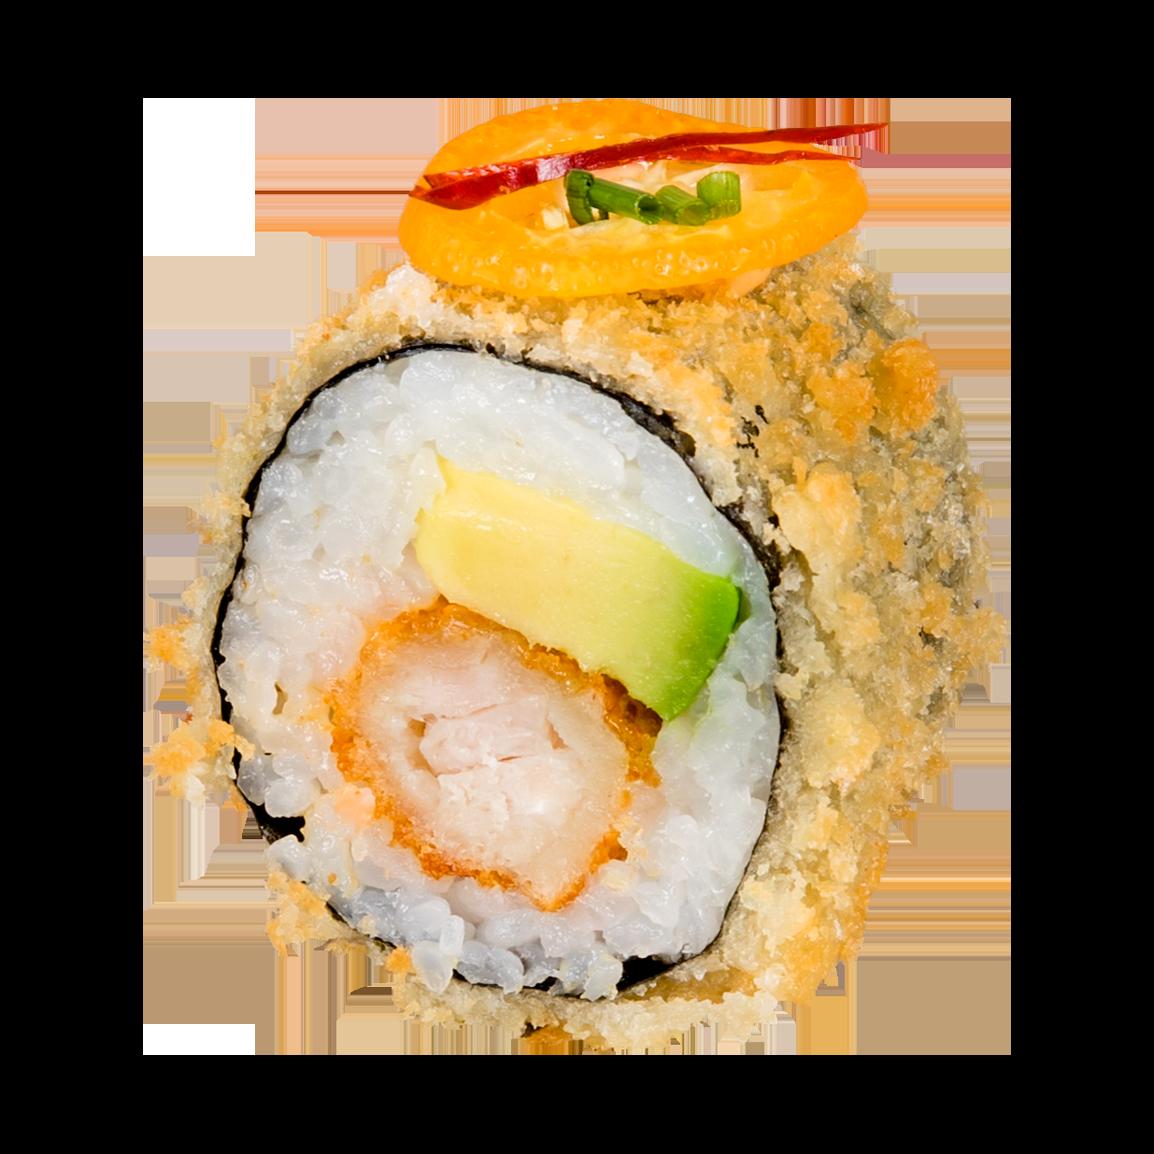 Au dessus: Frit en tempura, kumquat, piment, coriandre, masago<br /> à l'intérieur: Poulet tempura, avocat, sauce maison